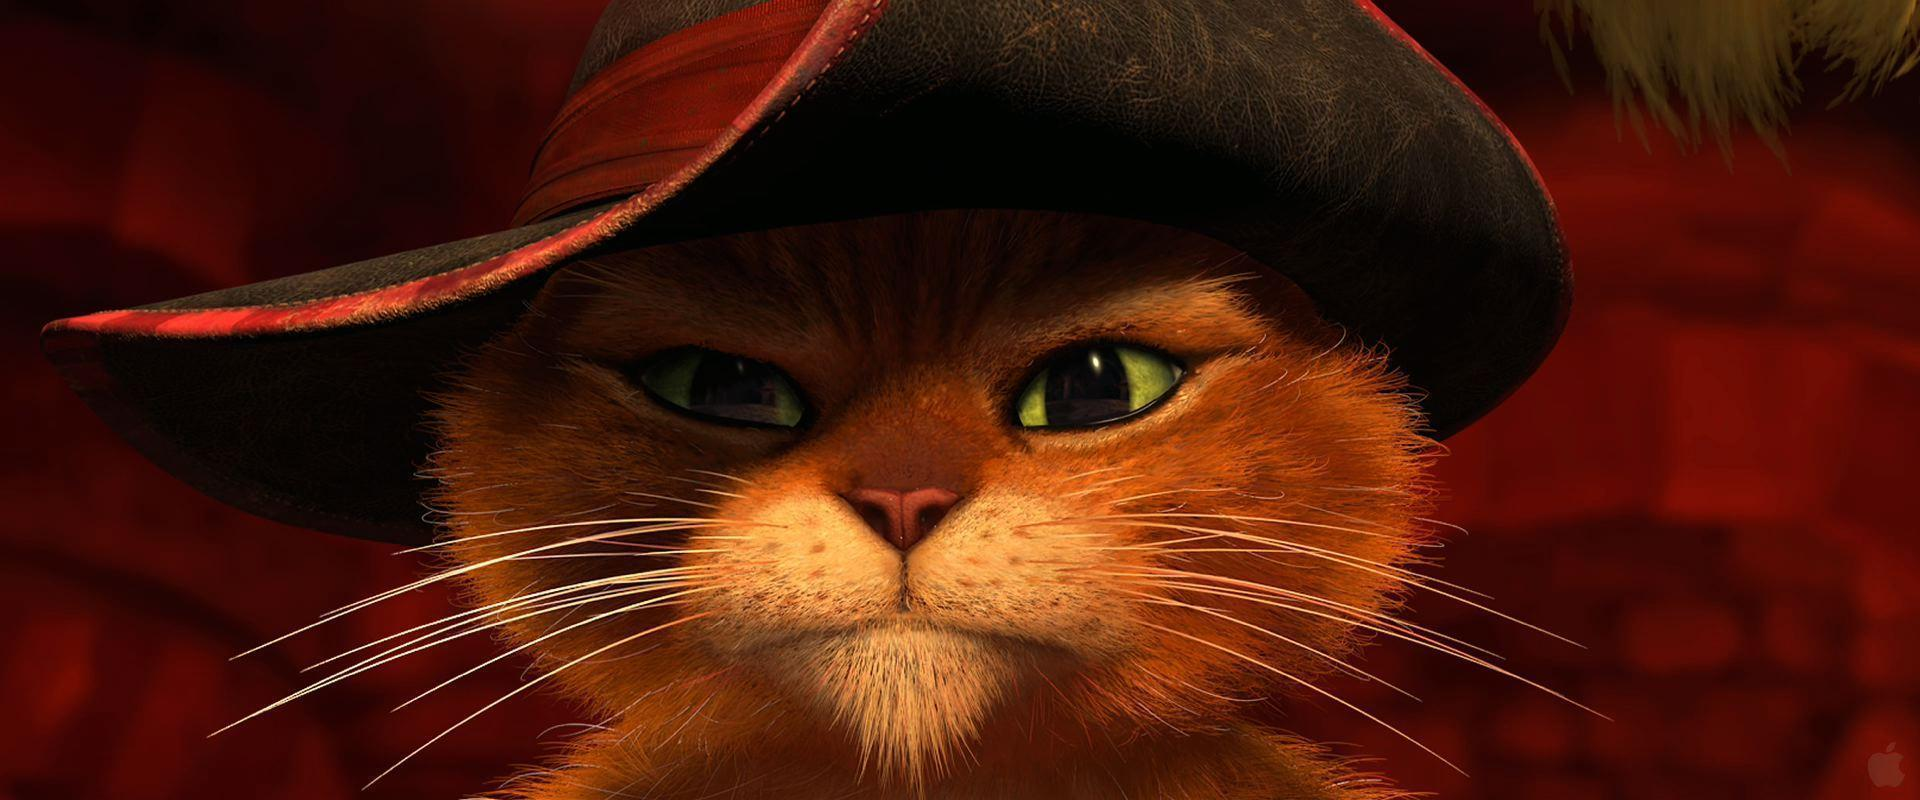 puss in boots desktop - photo #6